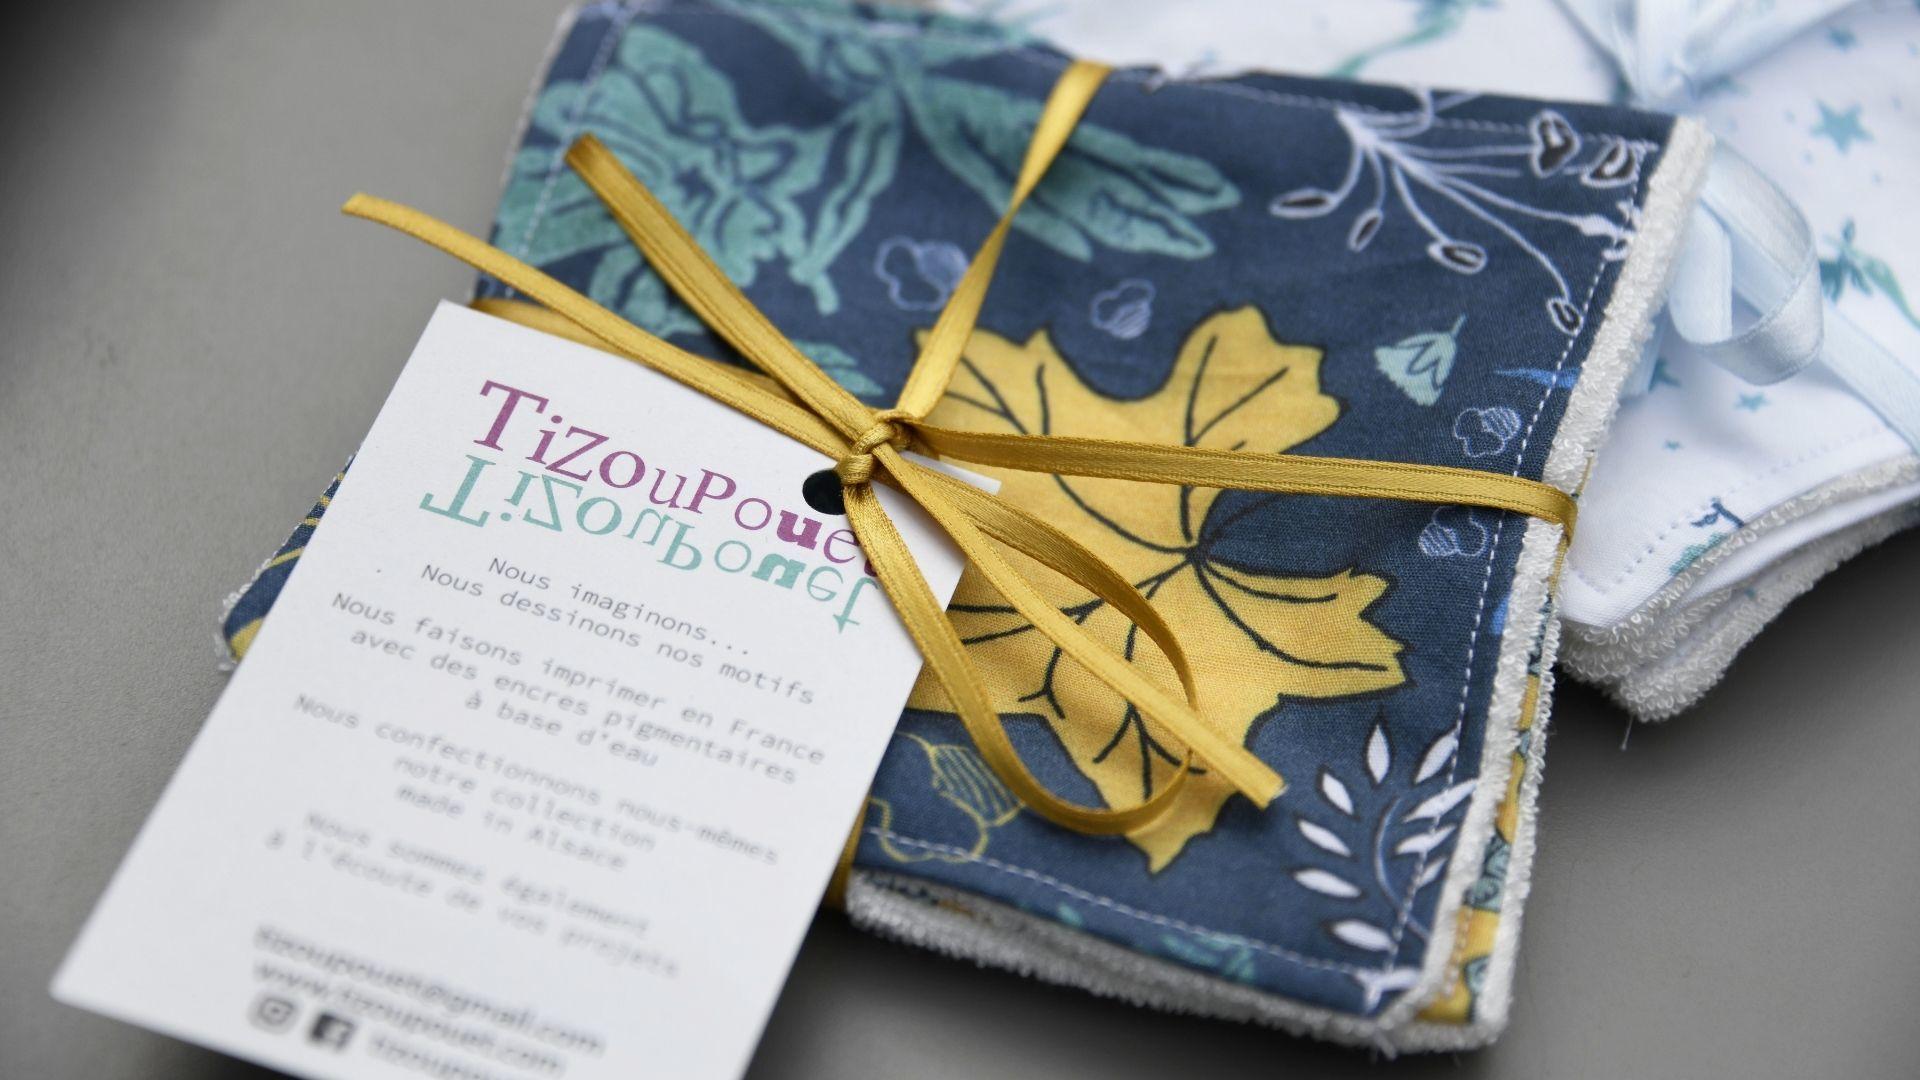 Tizoupouet, créateurs d'accessoires de puériculture à Riedisheim